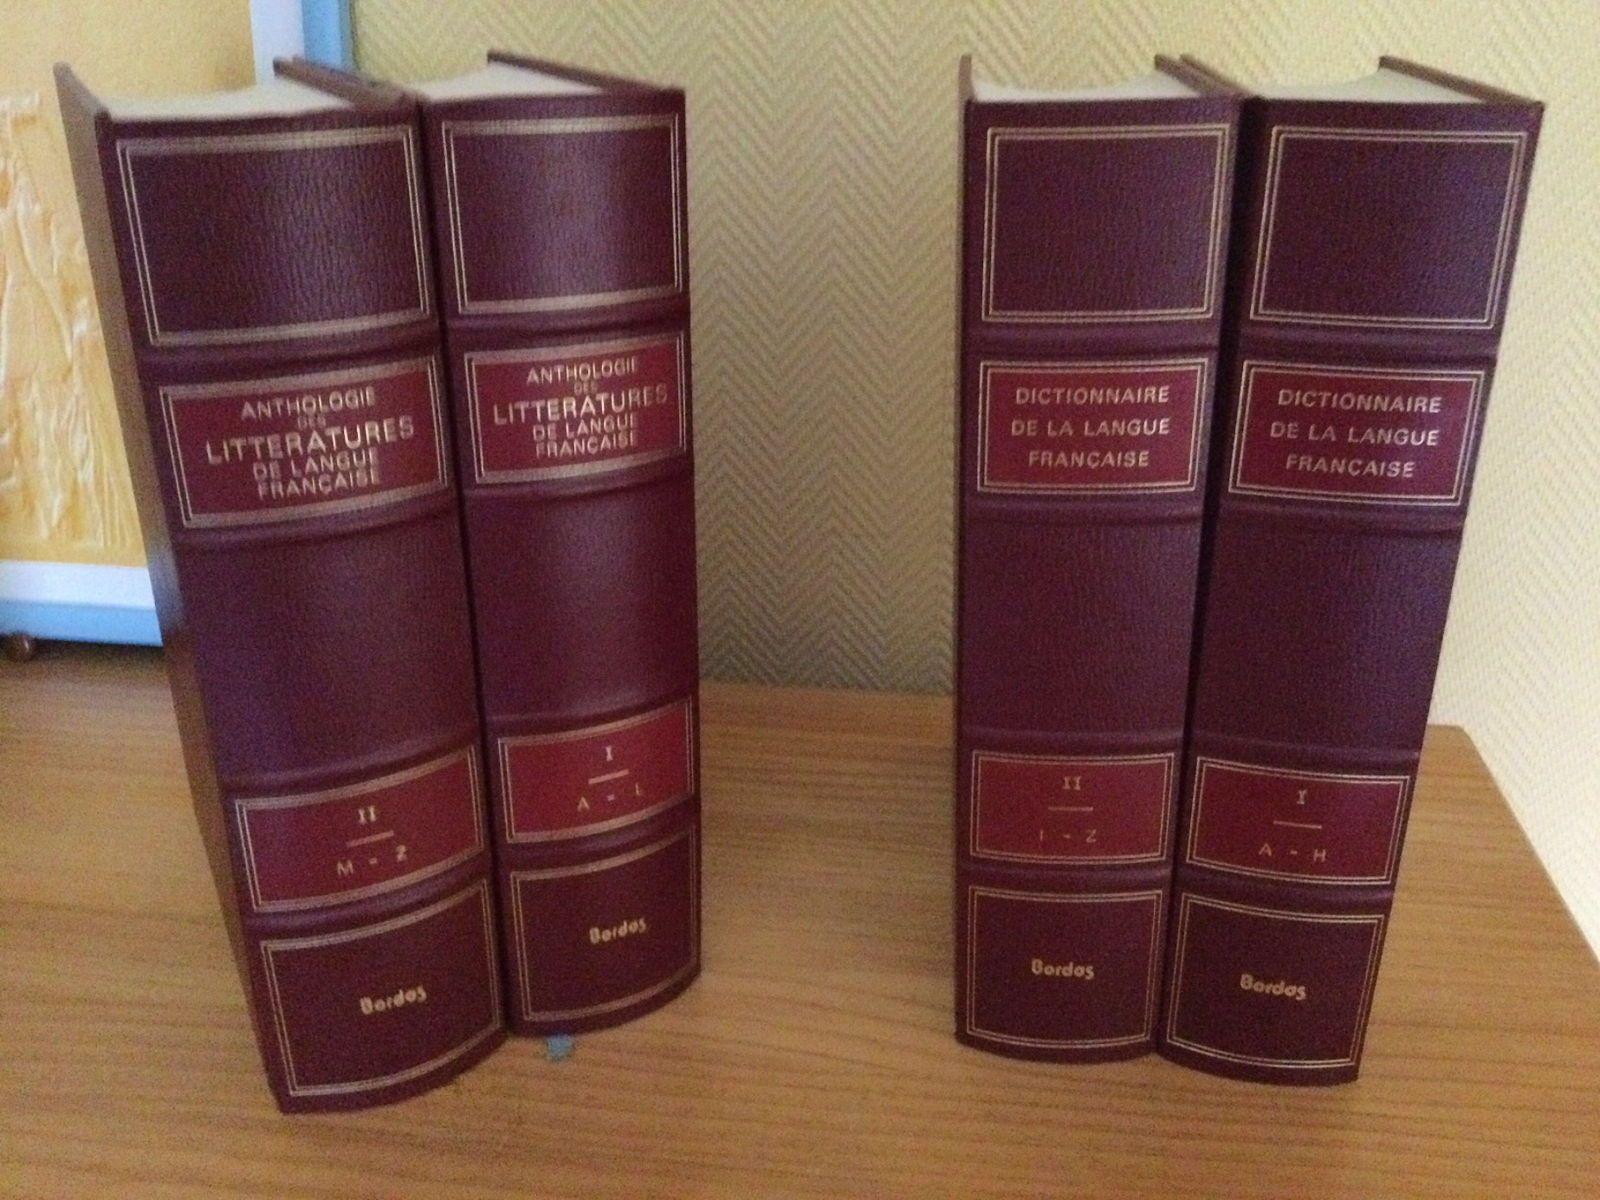 2Anthologies littératures et 2dictionnaires langue française